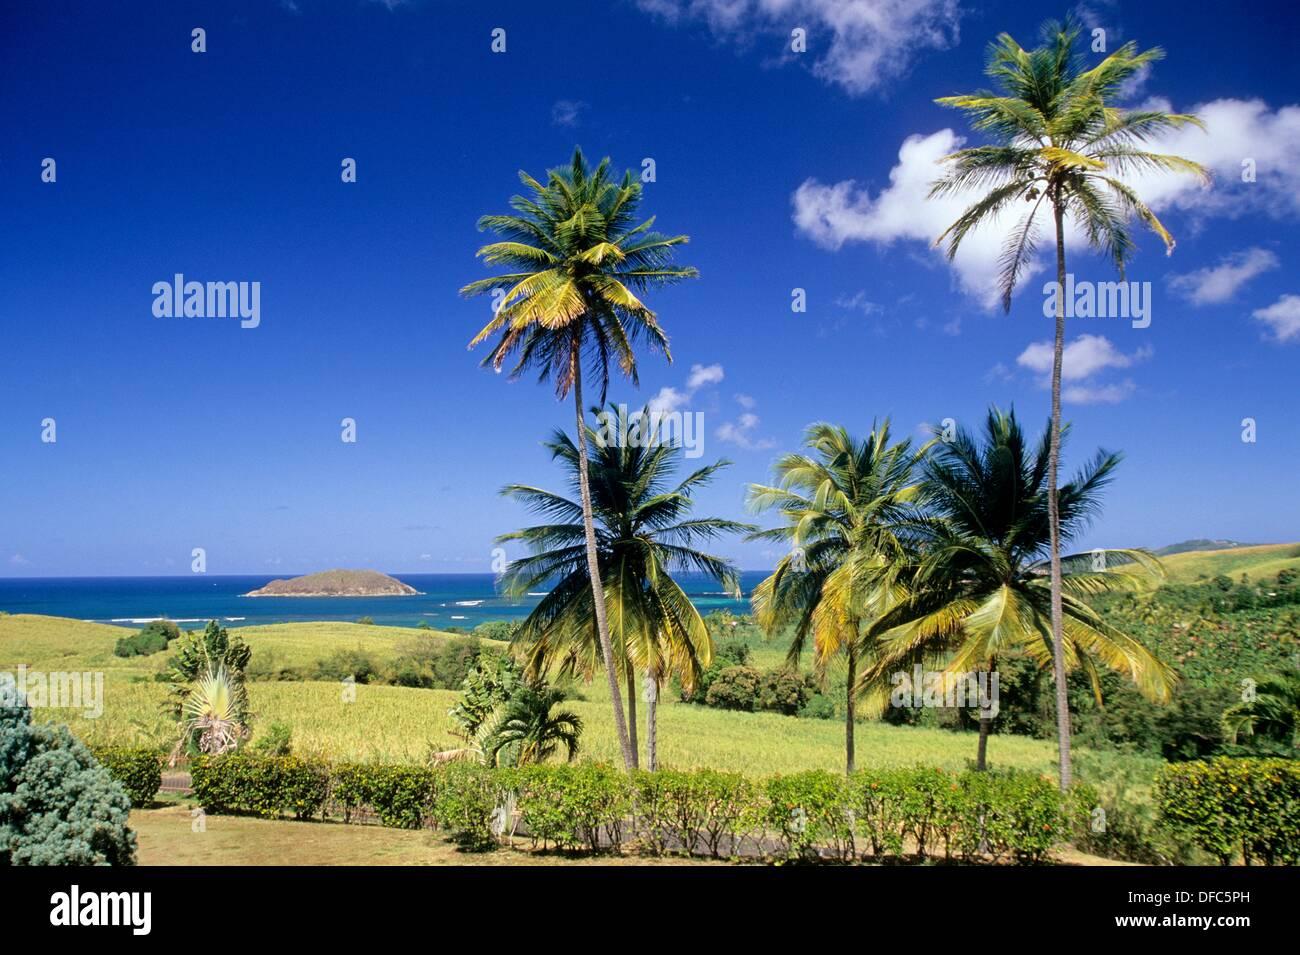 paysage de la cote atlantique entre Sainte-Marie et La Trinite Ile de la Martinique Departement et Region d´Outremer francais - Stock Image